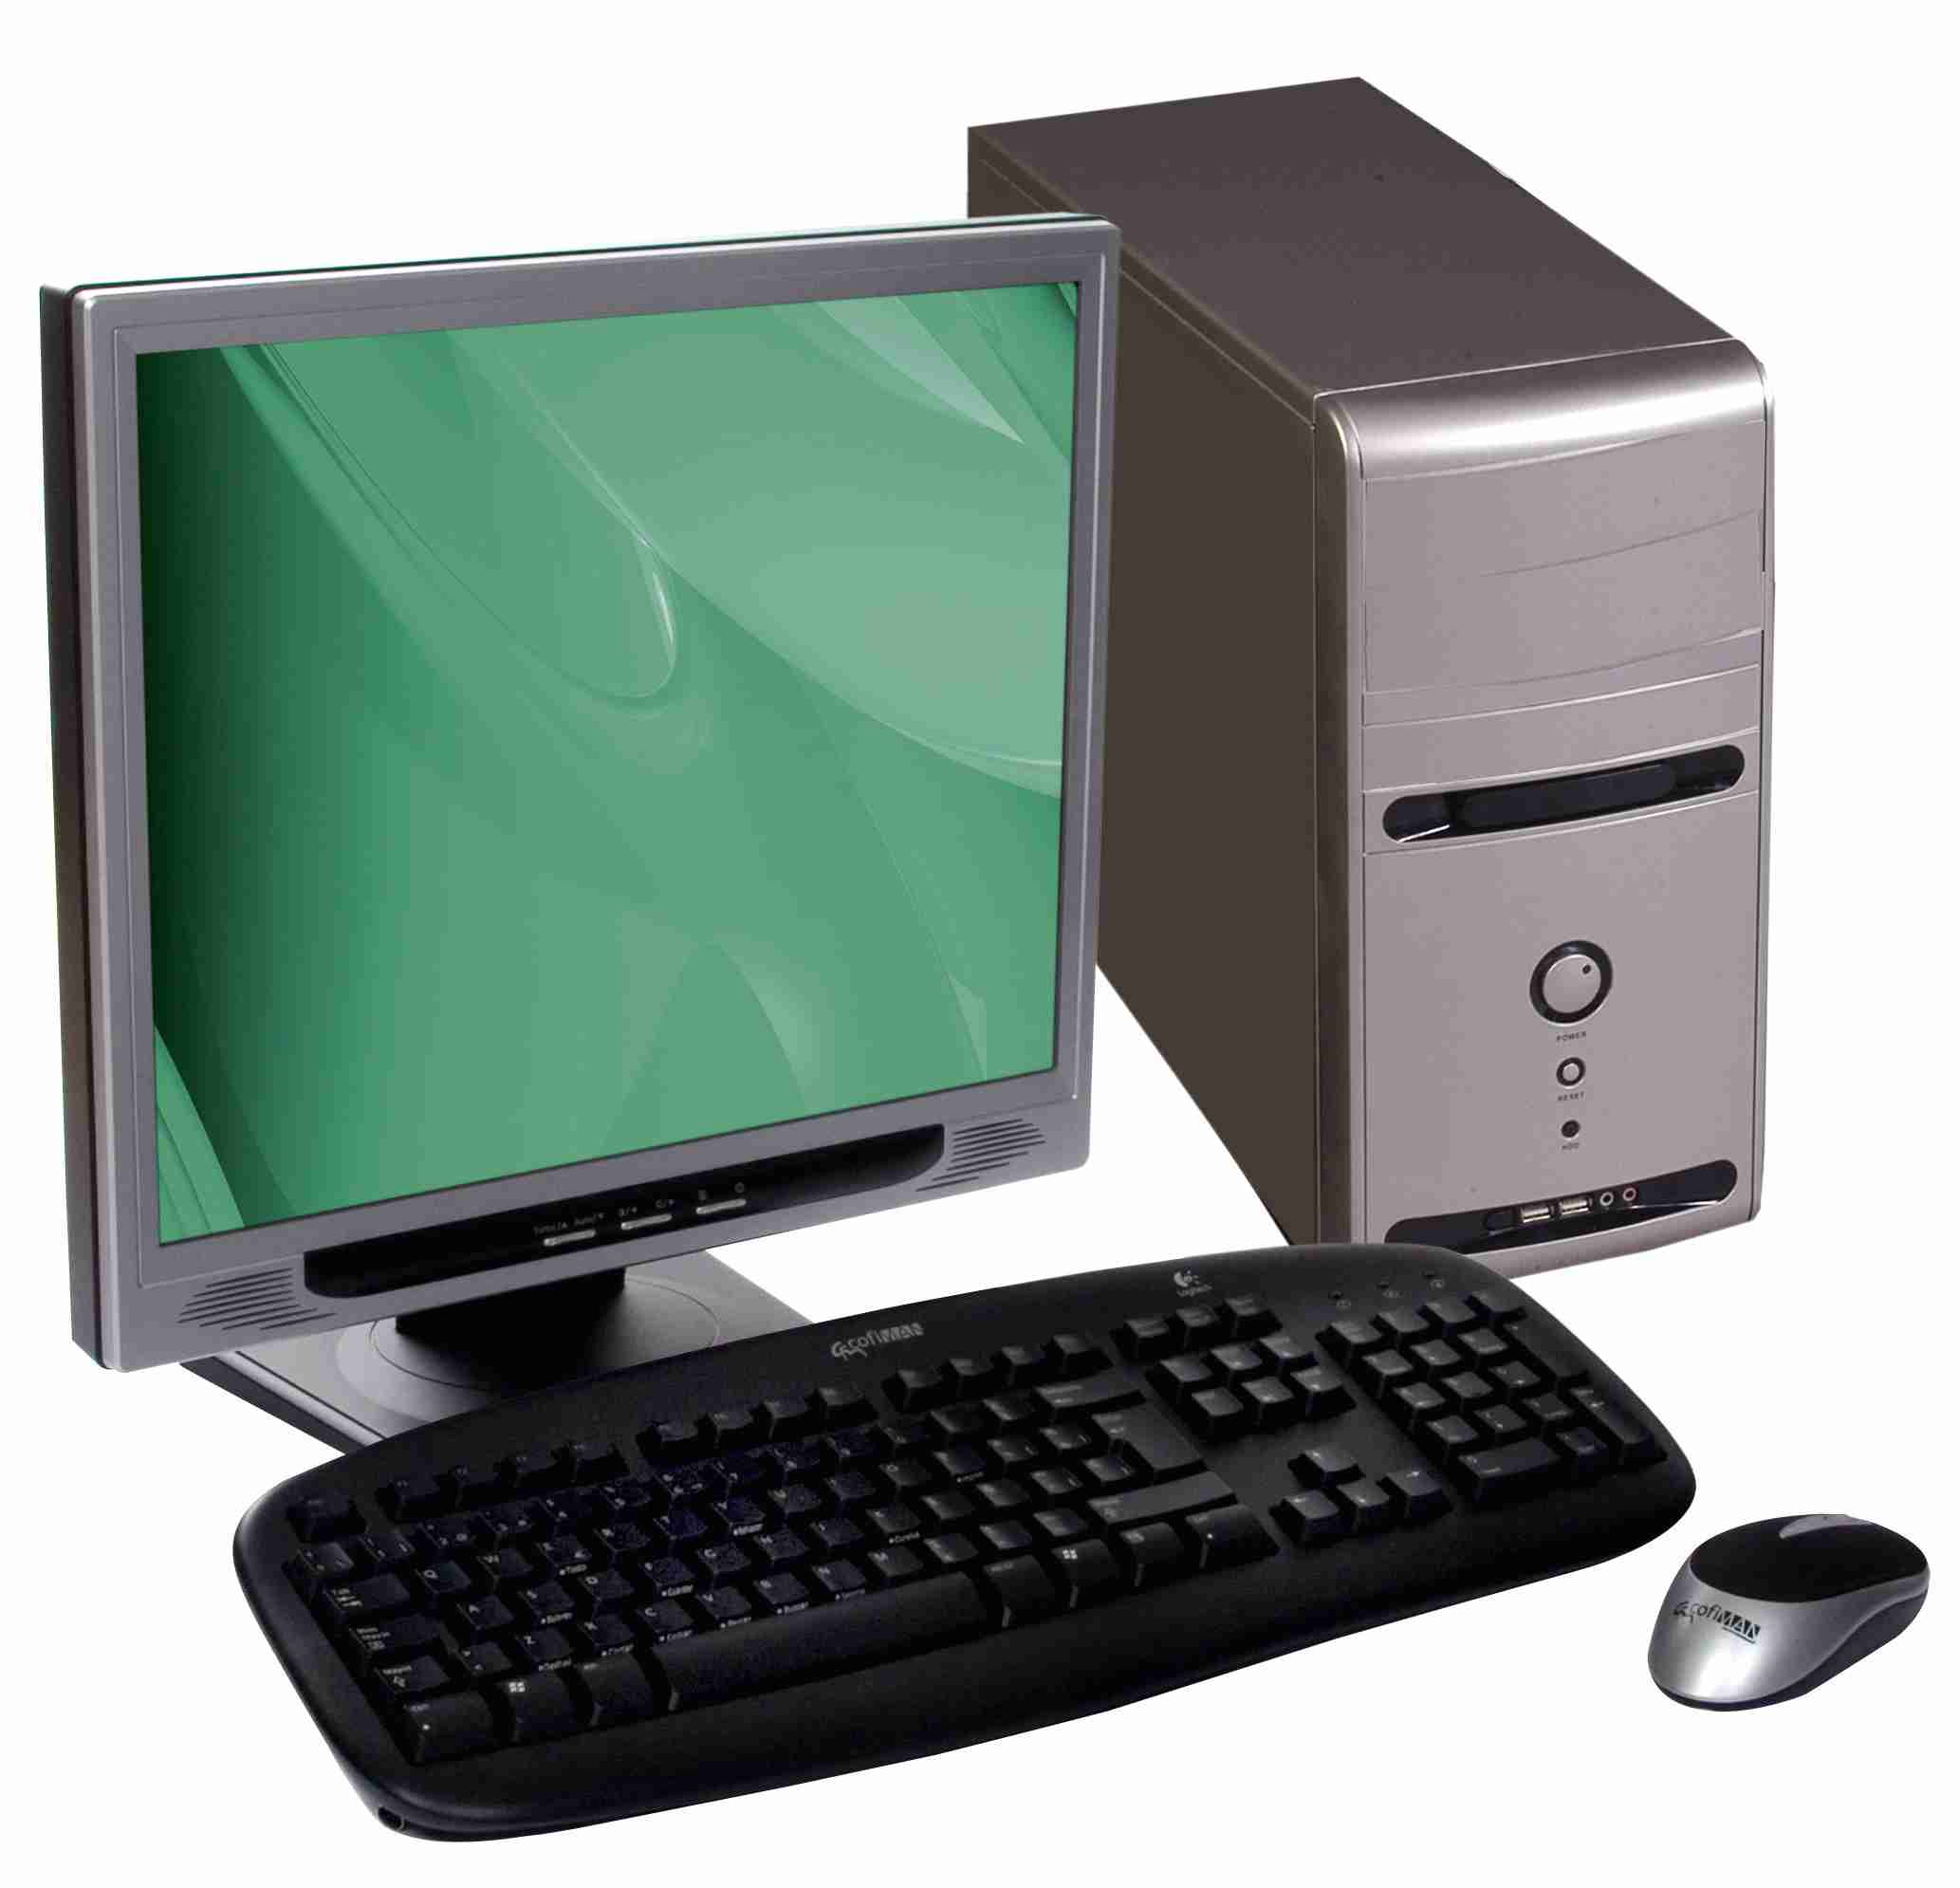 Los ordenadores no son electrodomésticos